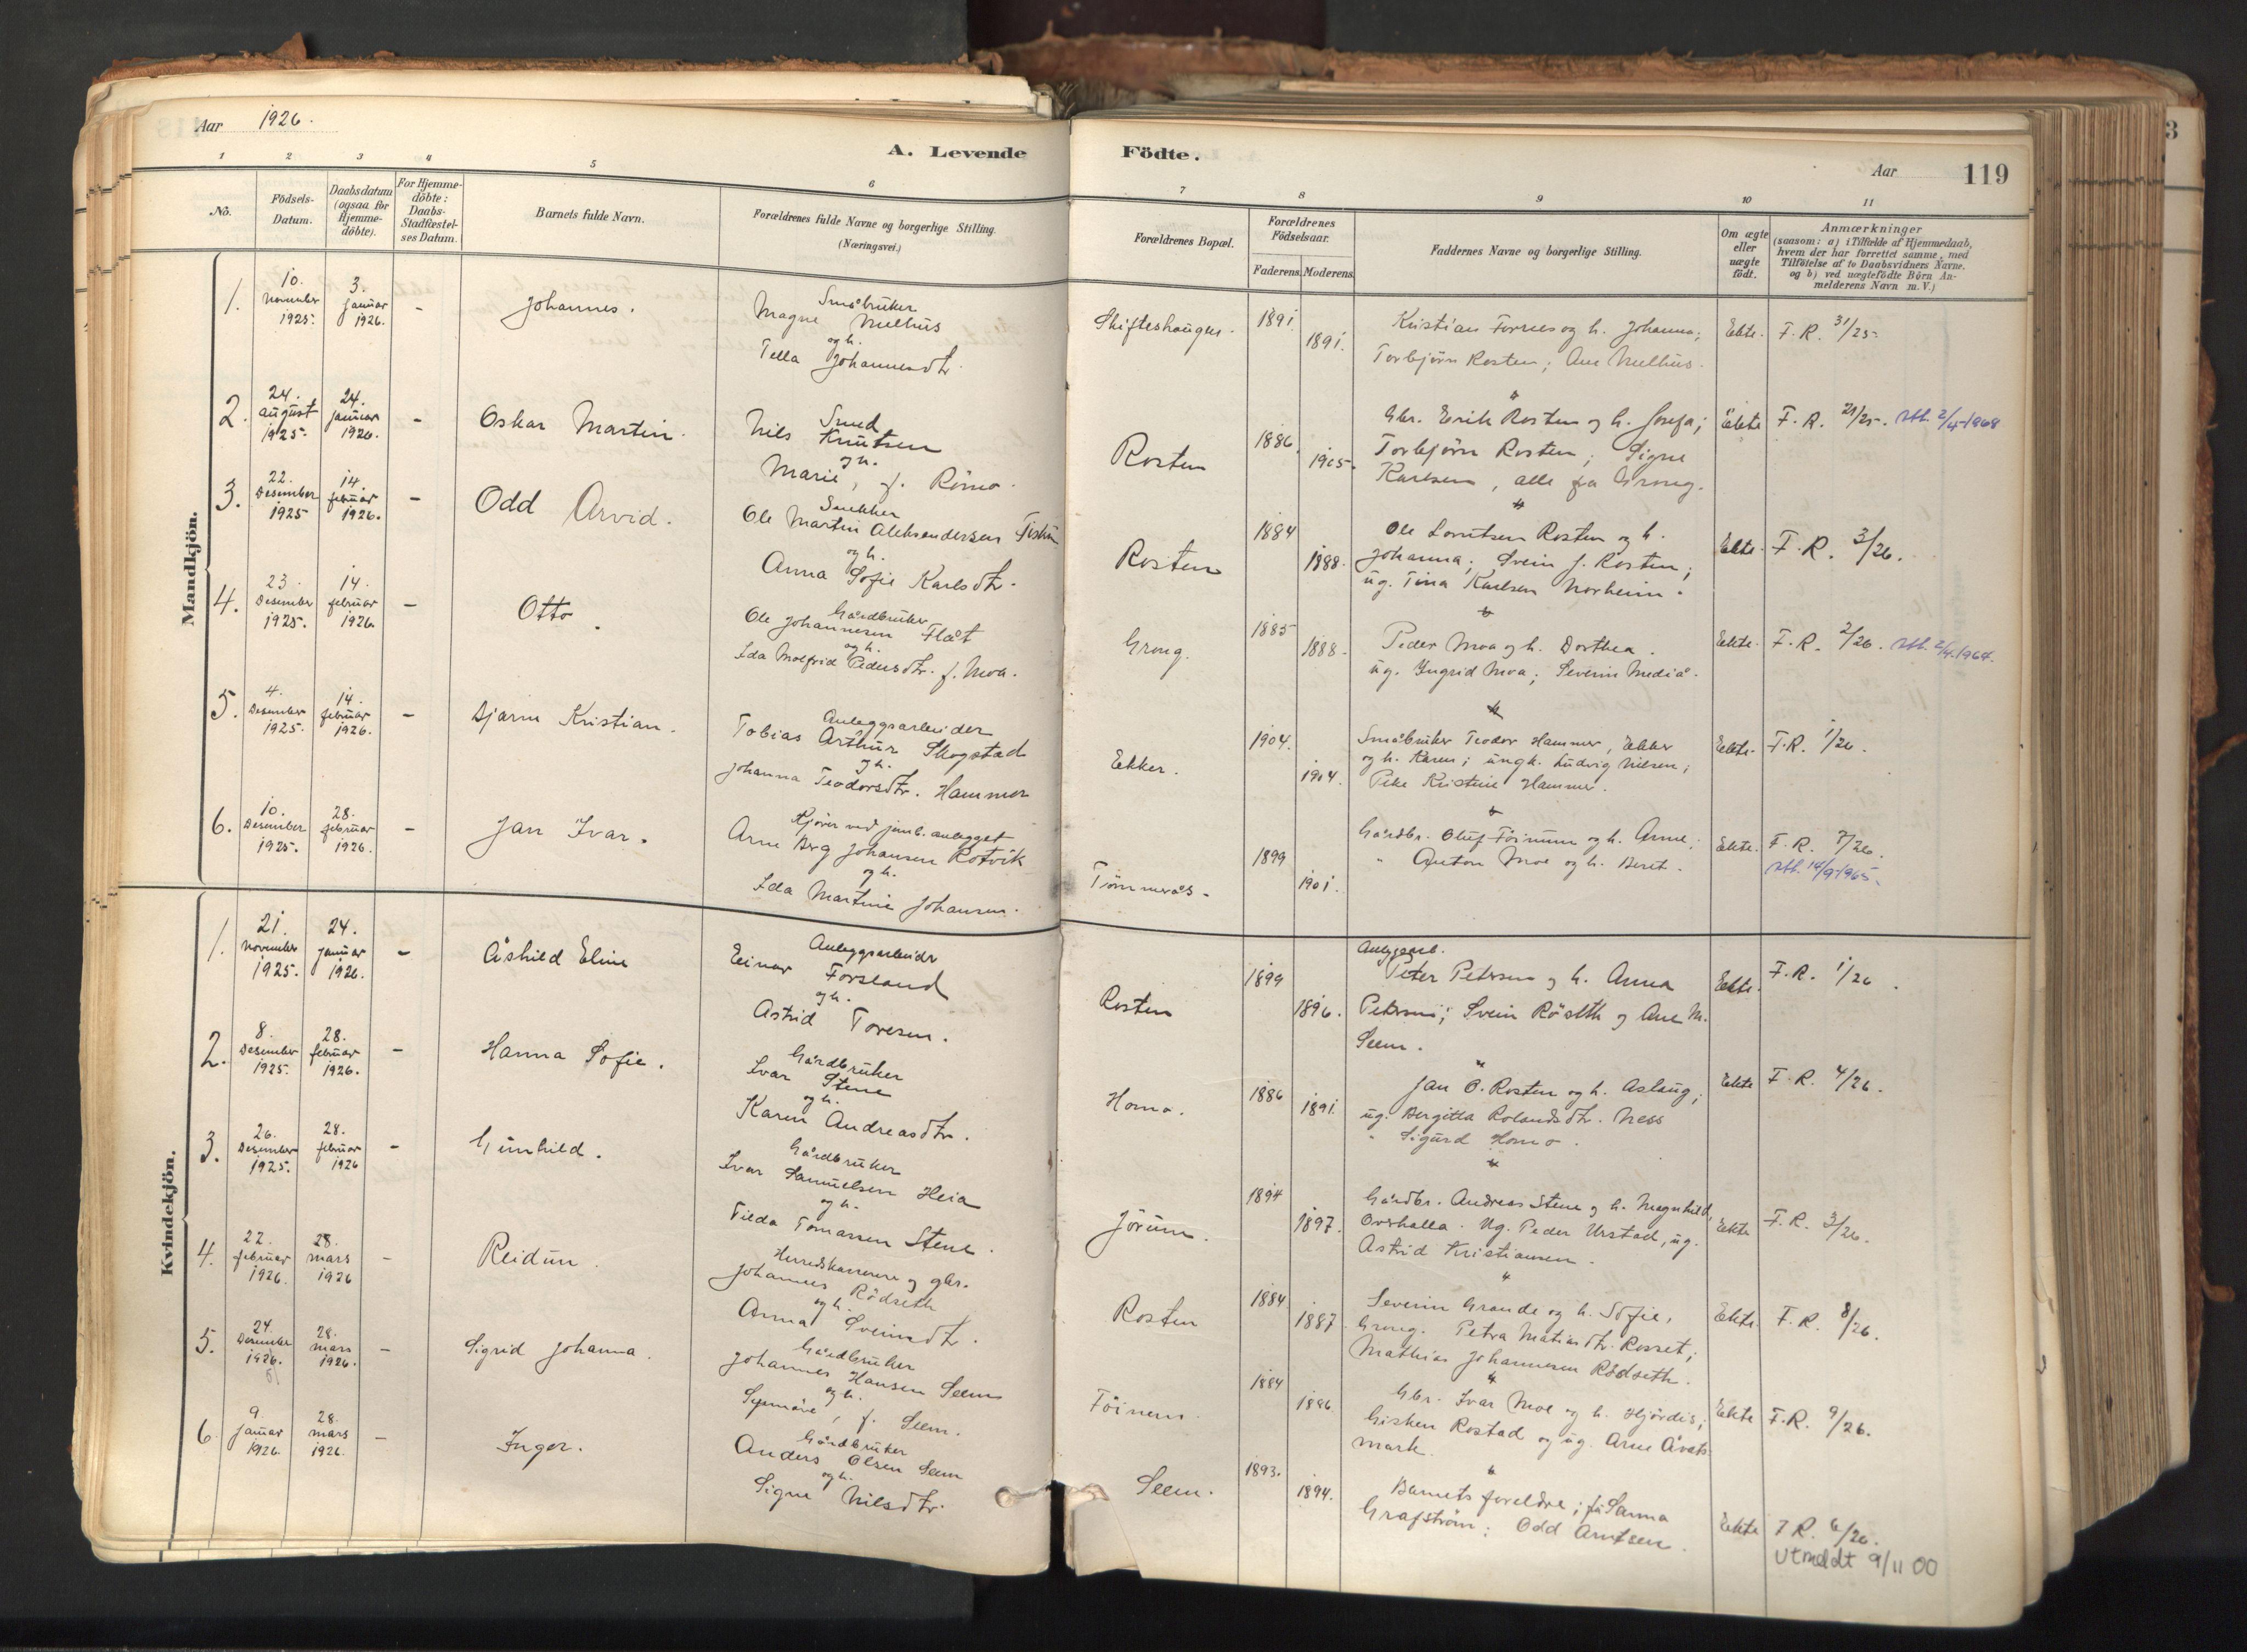 SAT, Ministerialprotokoller, klokkerbøker og fødselsregistre - Nord-Trøndelag, 758/L0519: Ministerialbok nr. 758A04, 1880-1926, s. 119